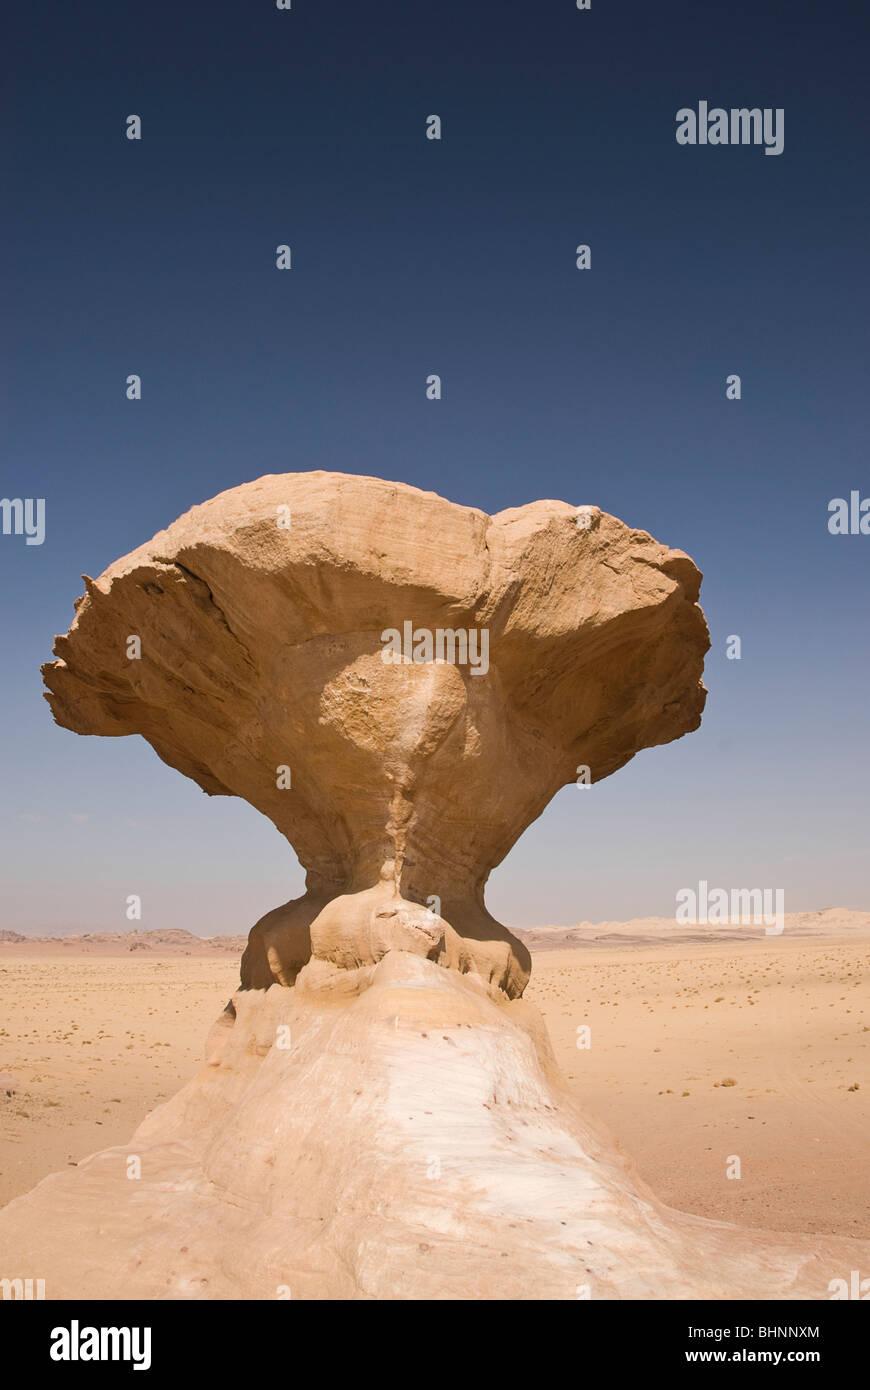 Mushroom rock, desert landscape, Wadi Rum, Jordan, Asia. - Stock Image